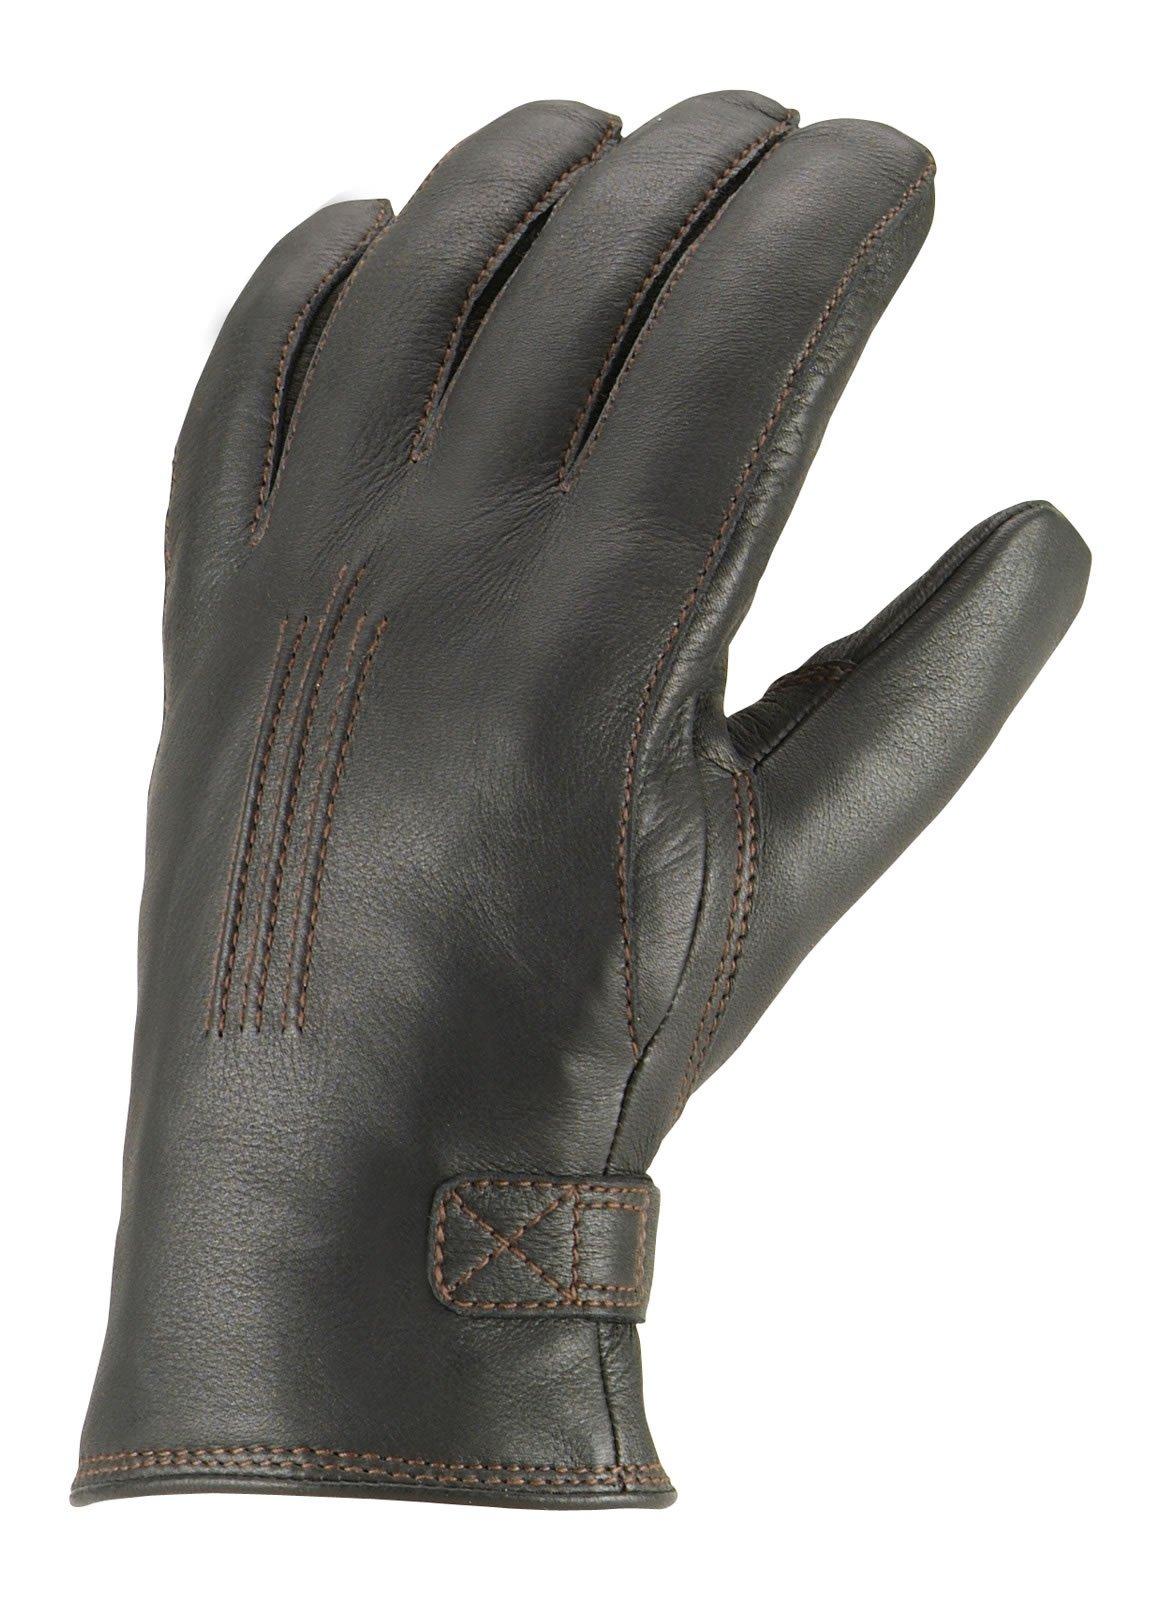 Hestra Deerskin Lambsfur Lined Glove - Men's Black 10